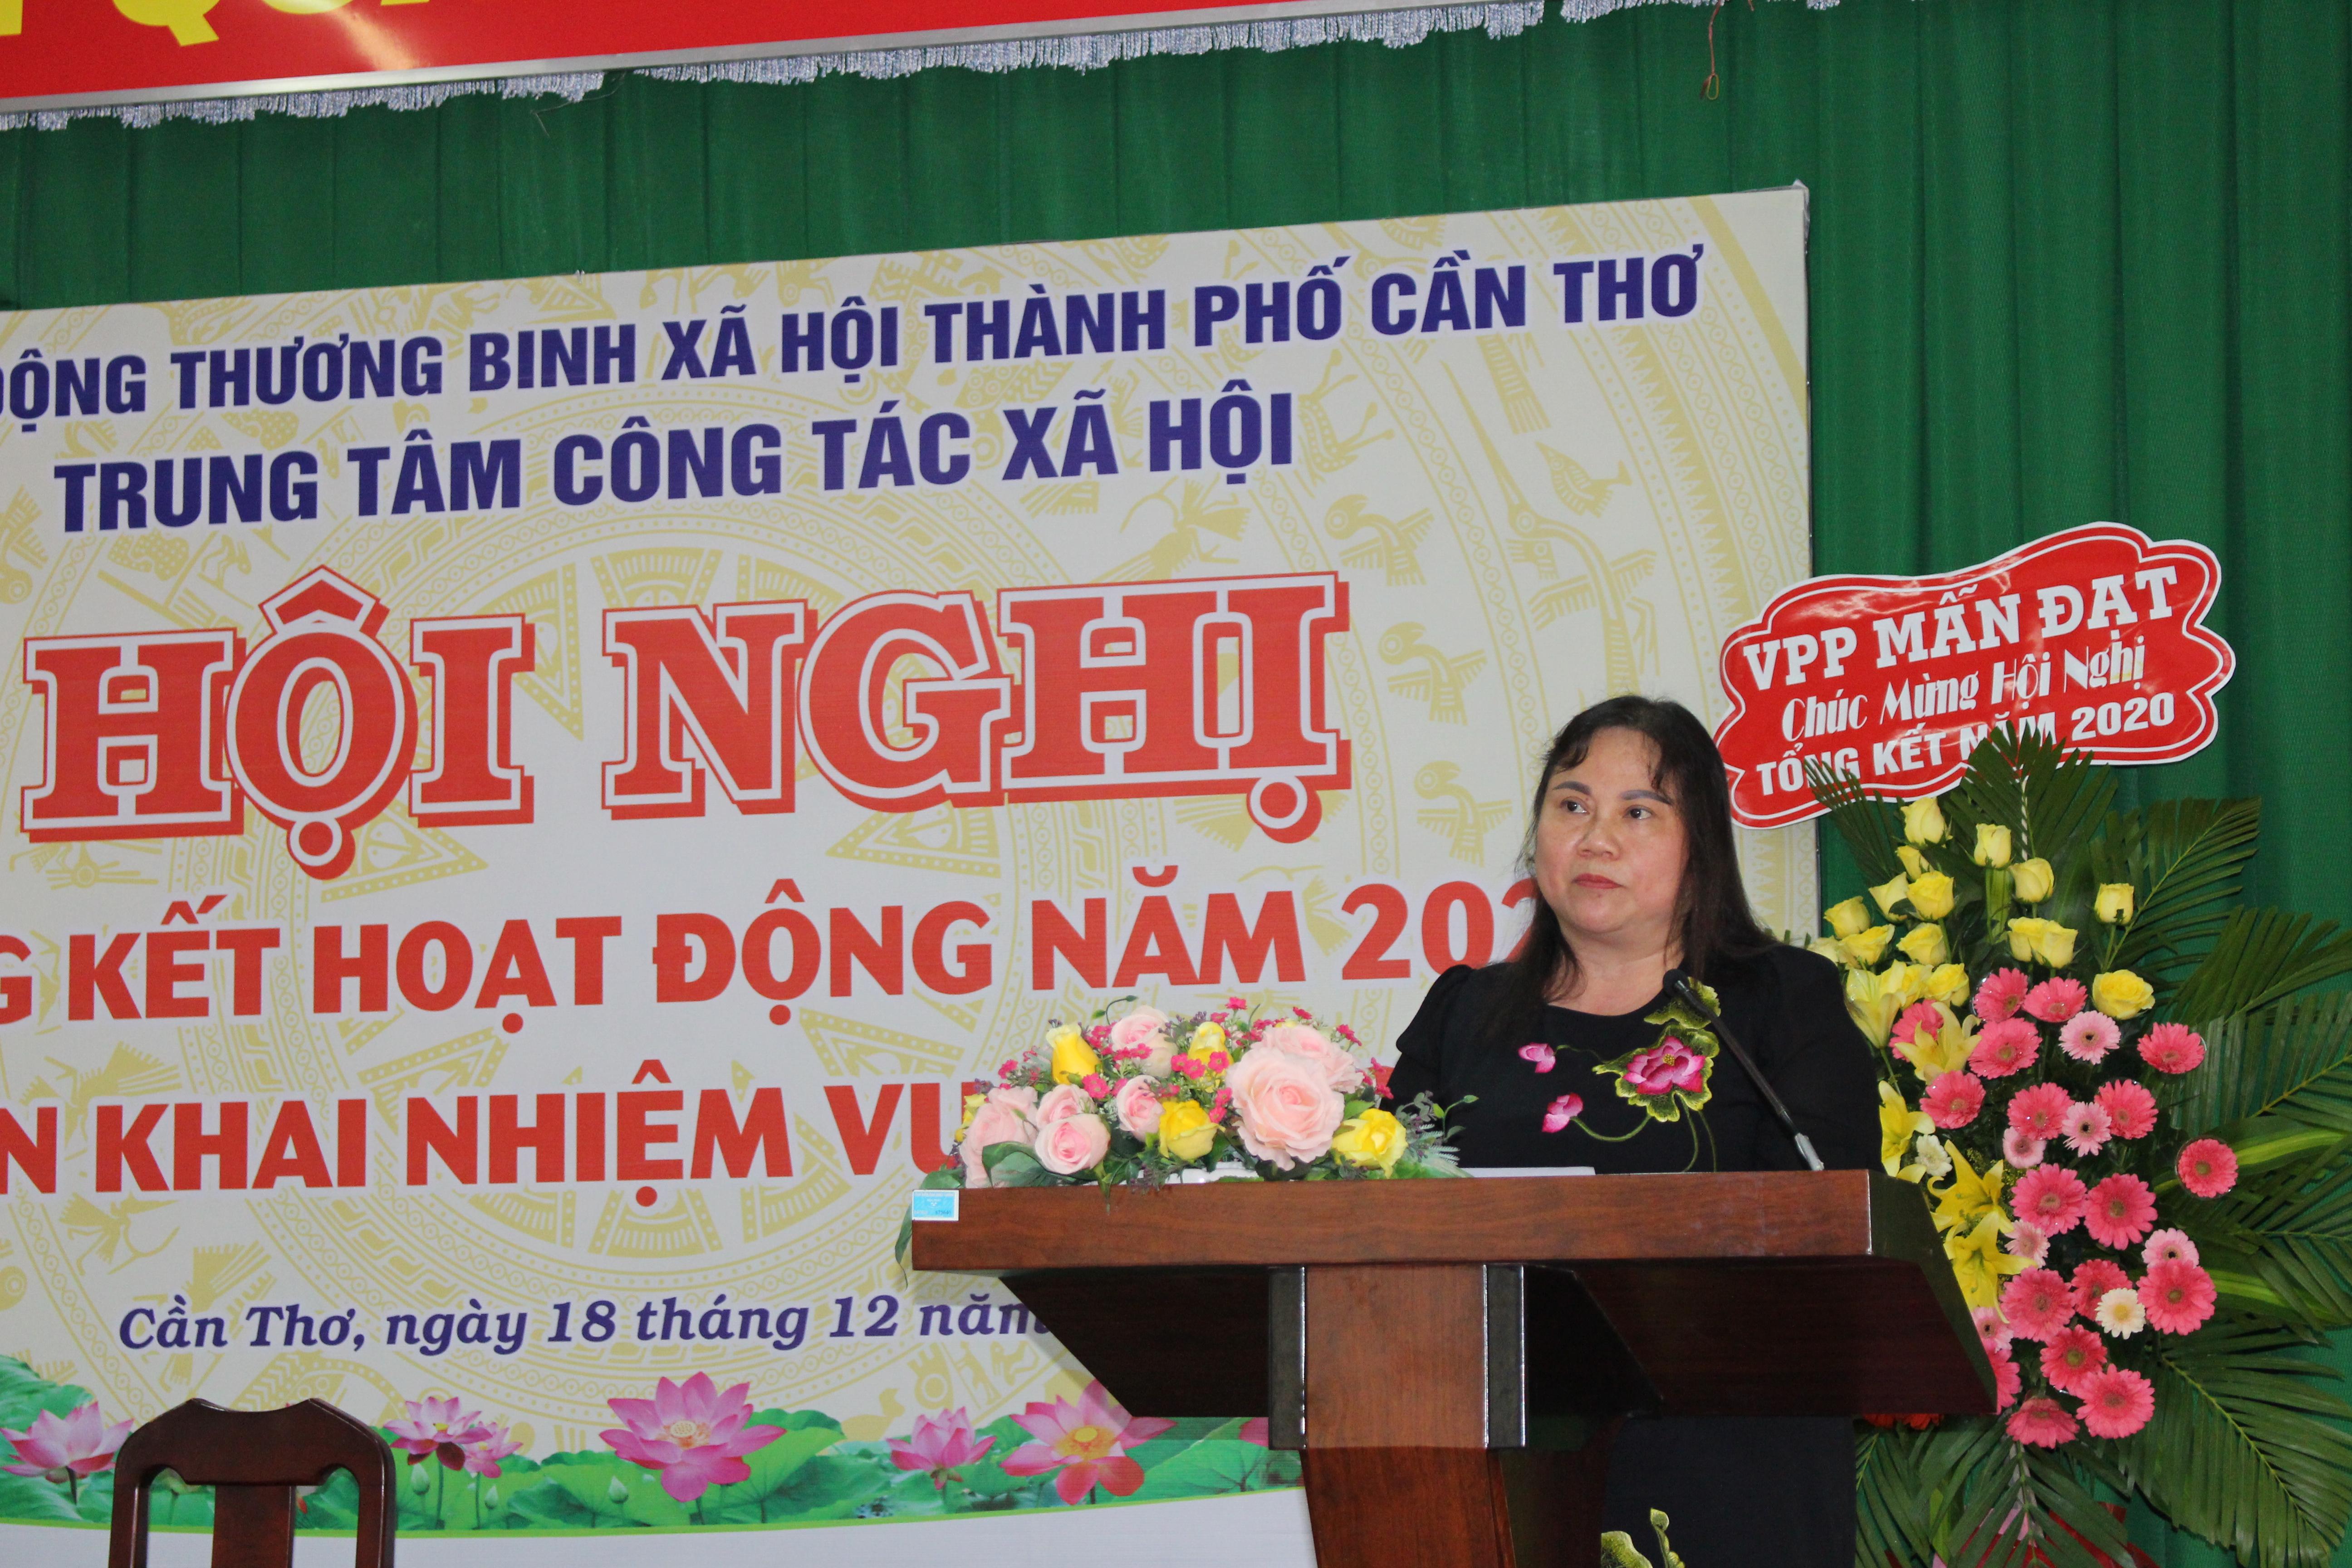 Bà Trần Thị Xuân Mai Giám đốc Sở Lao động - Thương binh & xã hội TP Cần Thơ phát biểu tại hội nghị.